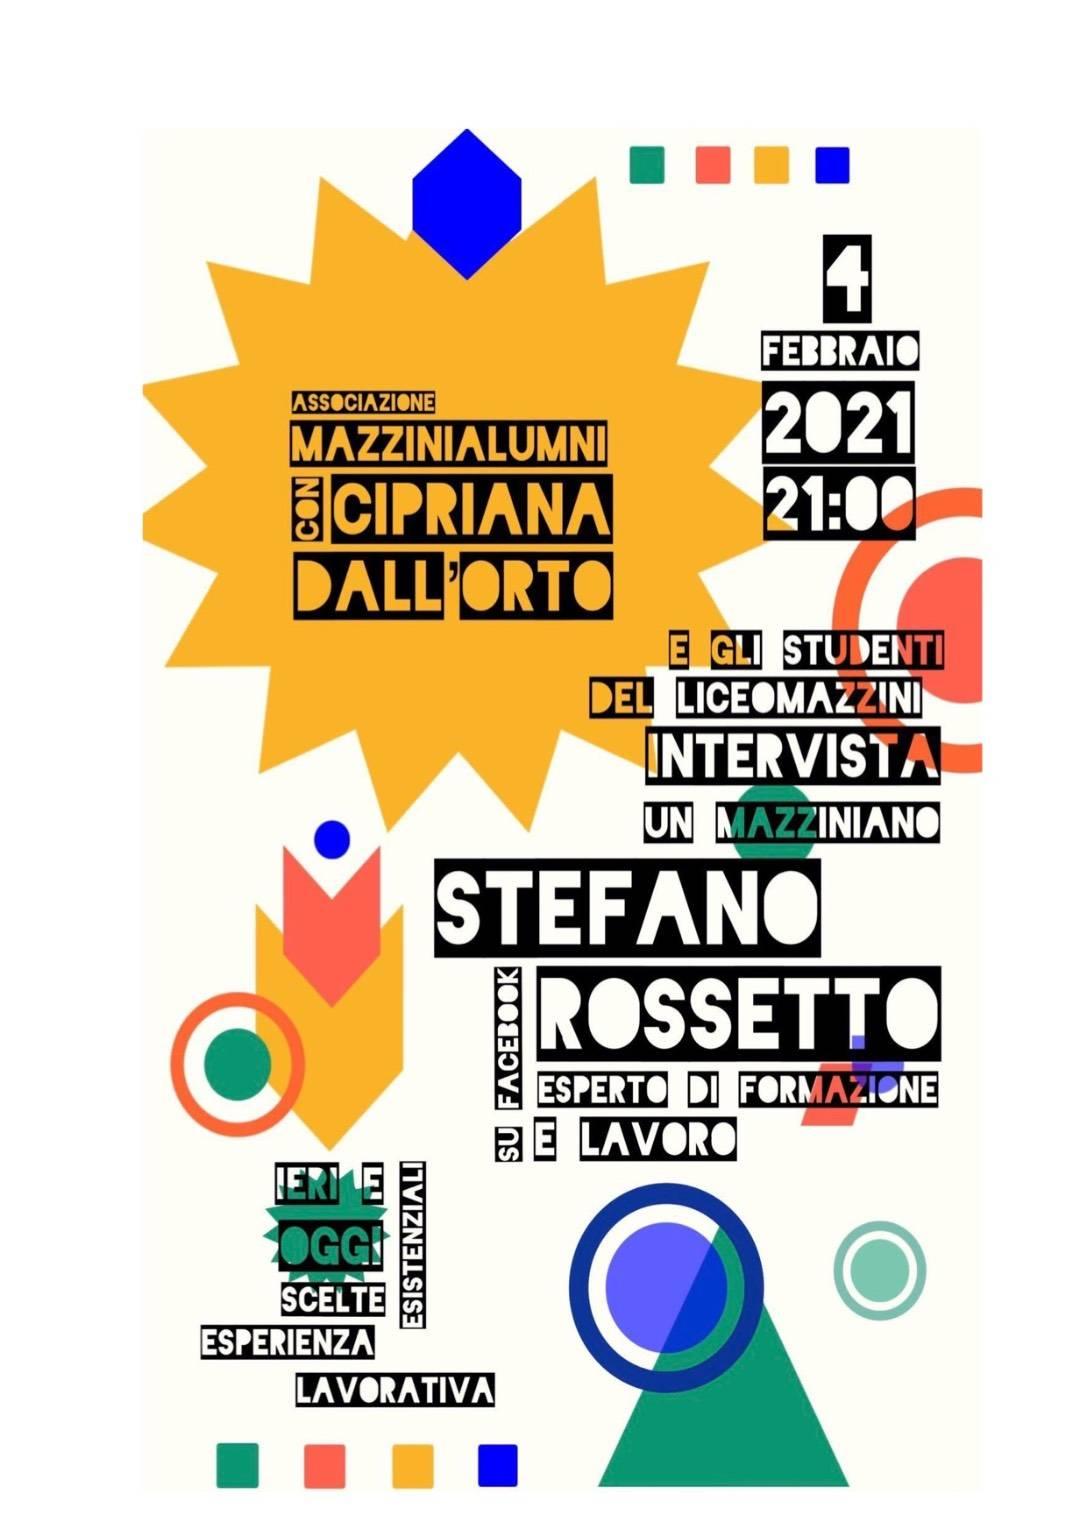 """Genova """"Intervista un Mazziniano"""" Stefano Rossetto febbraio 2021"""